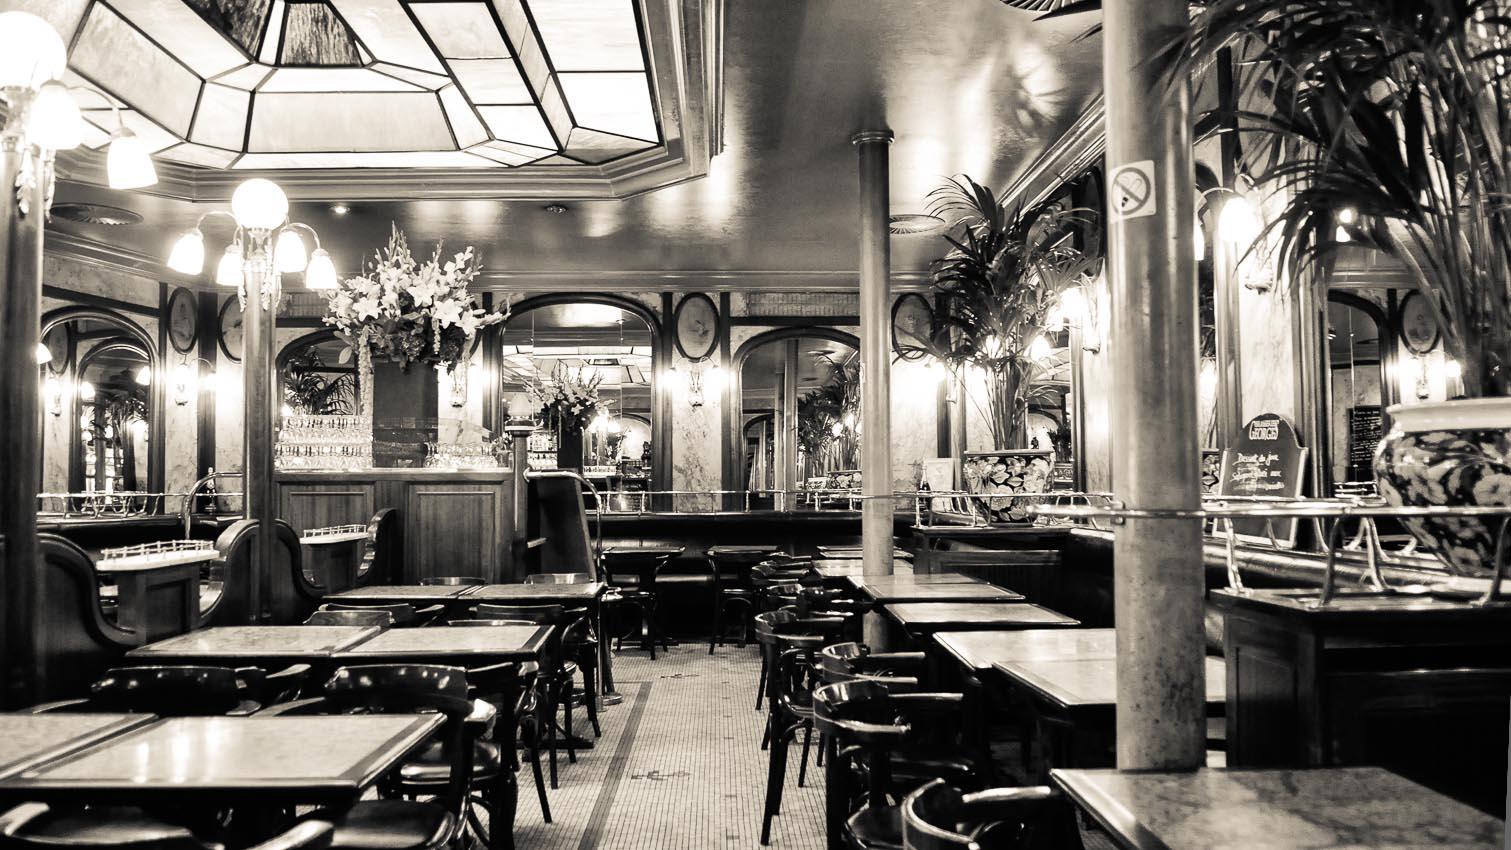 02-cafe-bar-resto-nightclub-decors-film-cinema-photo-belgium-bruxelles